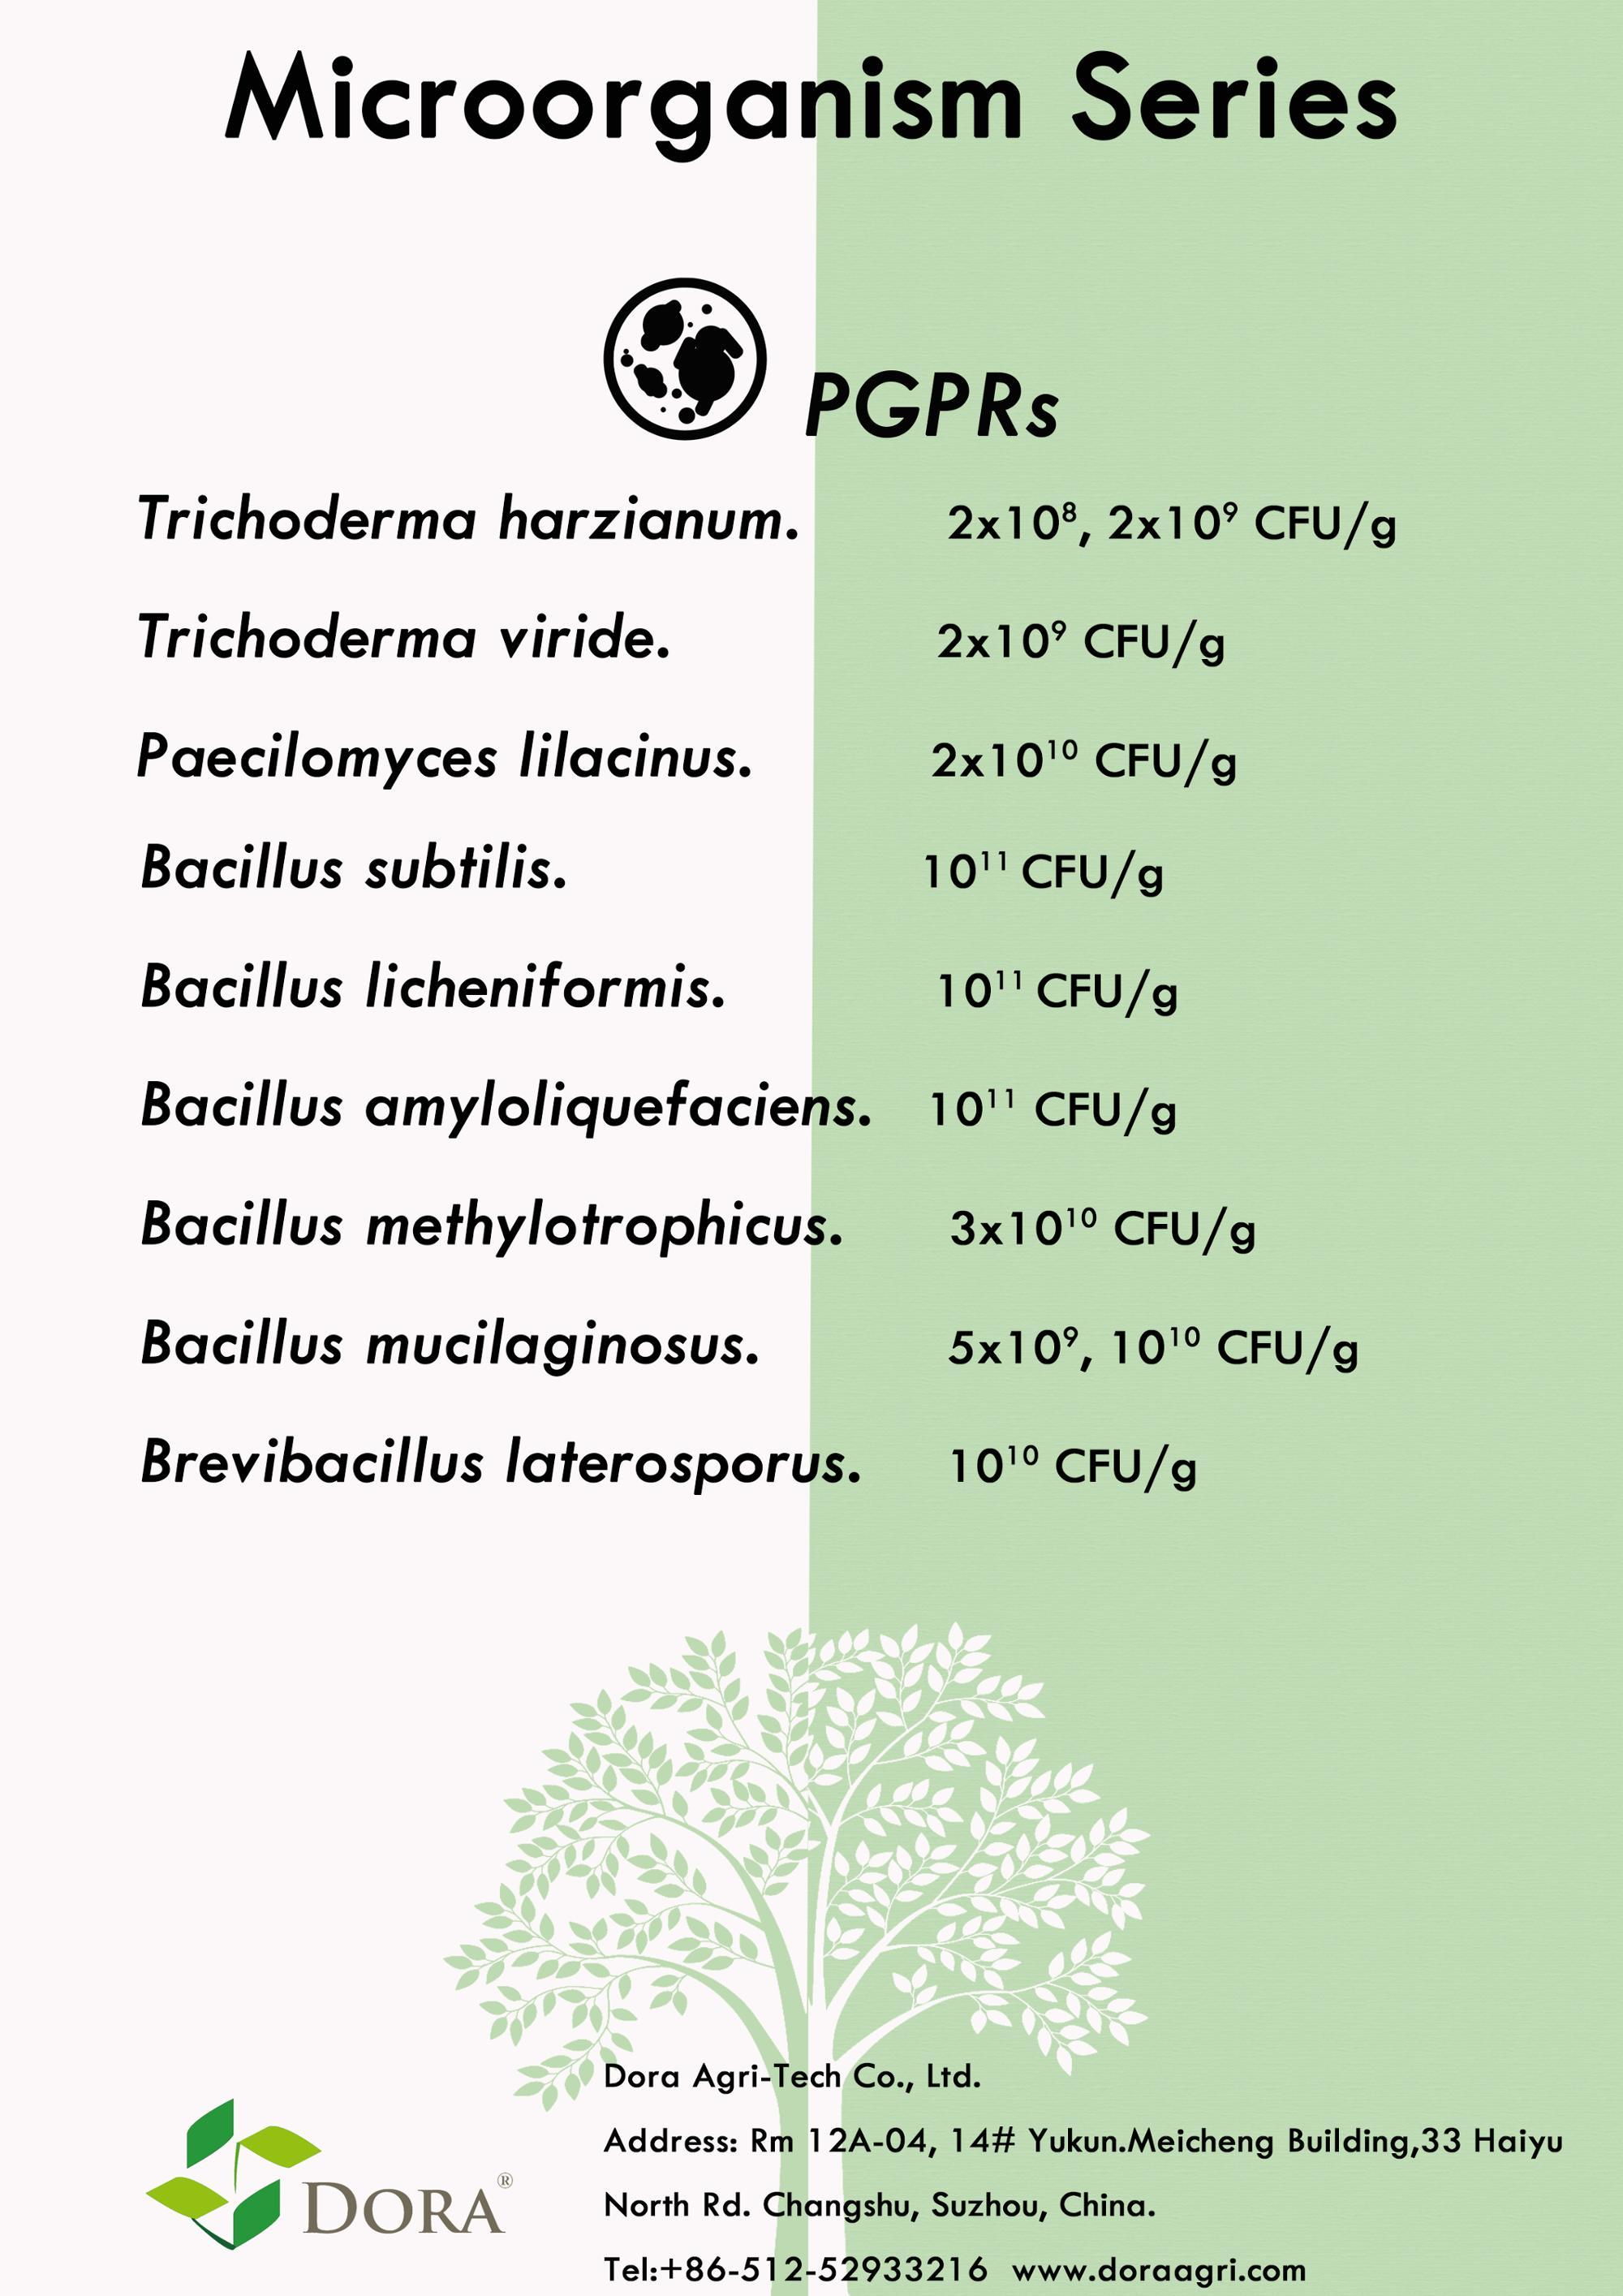 مفيد الحيوي الأخضر الأسمدة البوتاسيوم البكتيريا العصوية Mucilaginosus (BM) لتعزيز نمو النبات